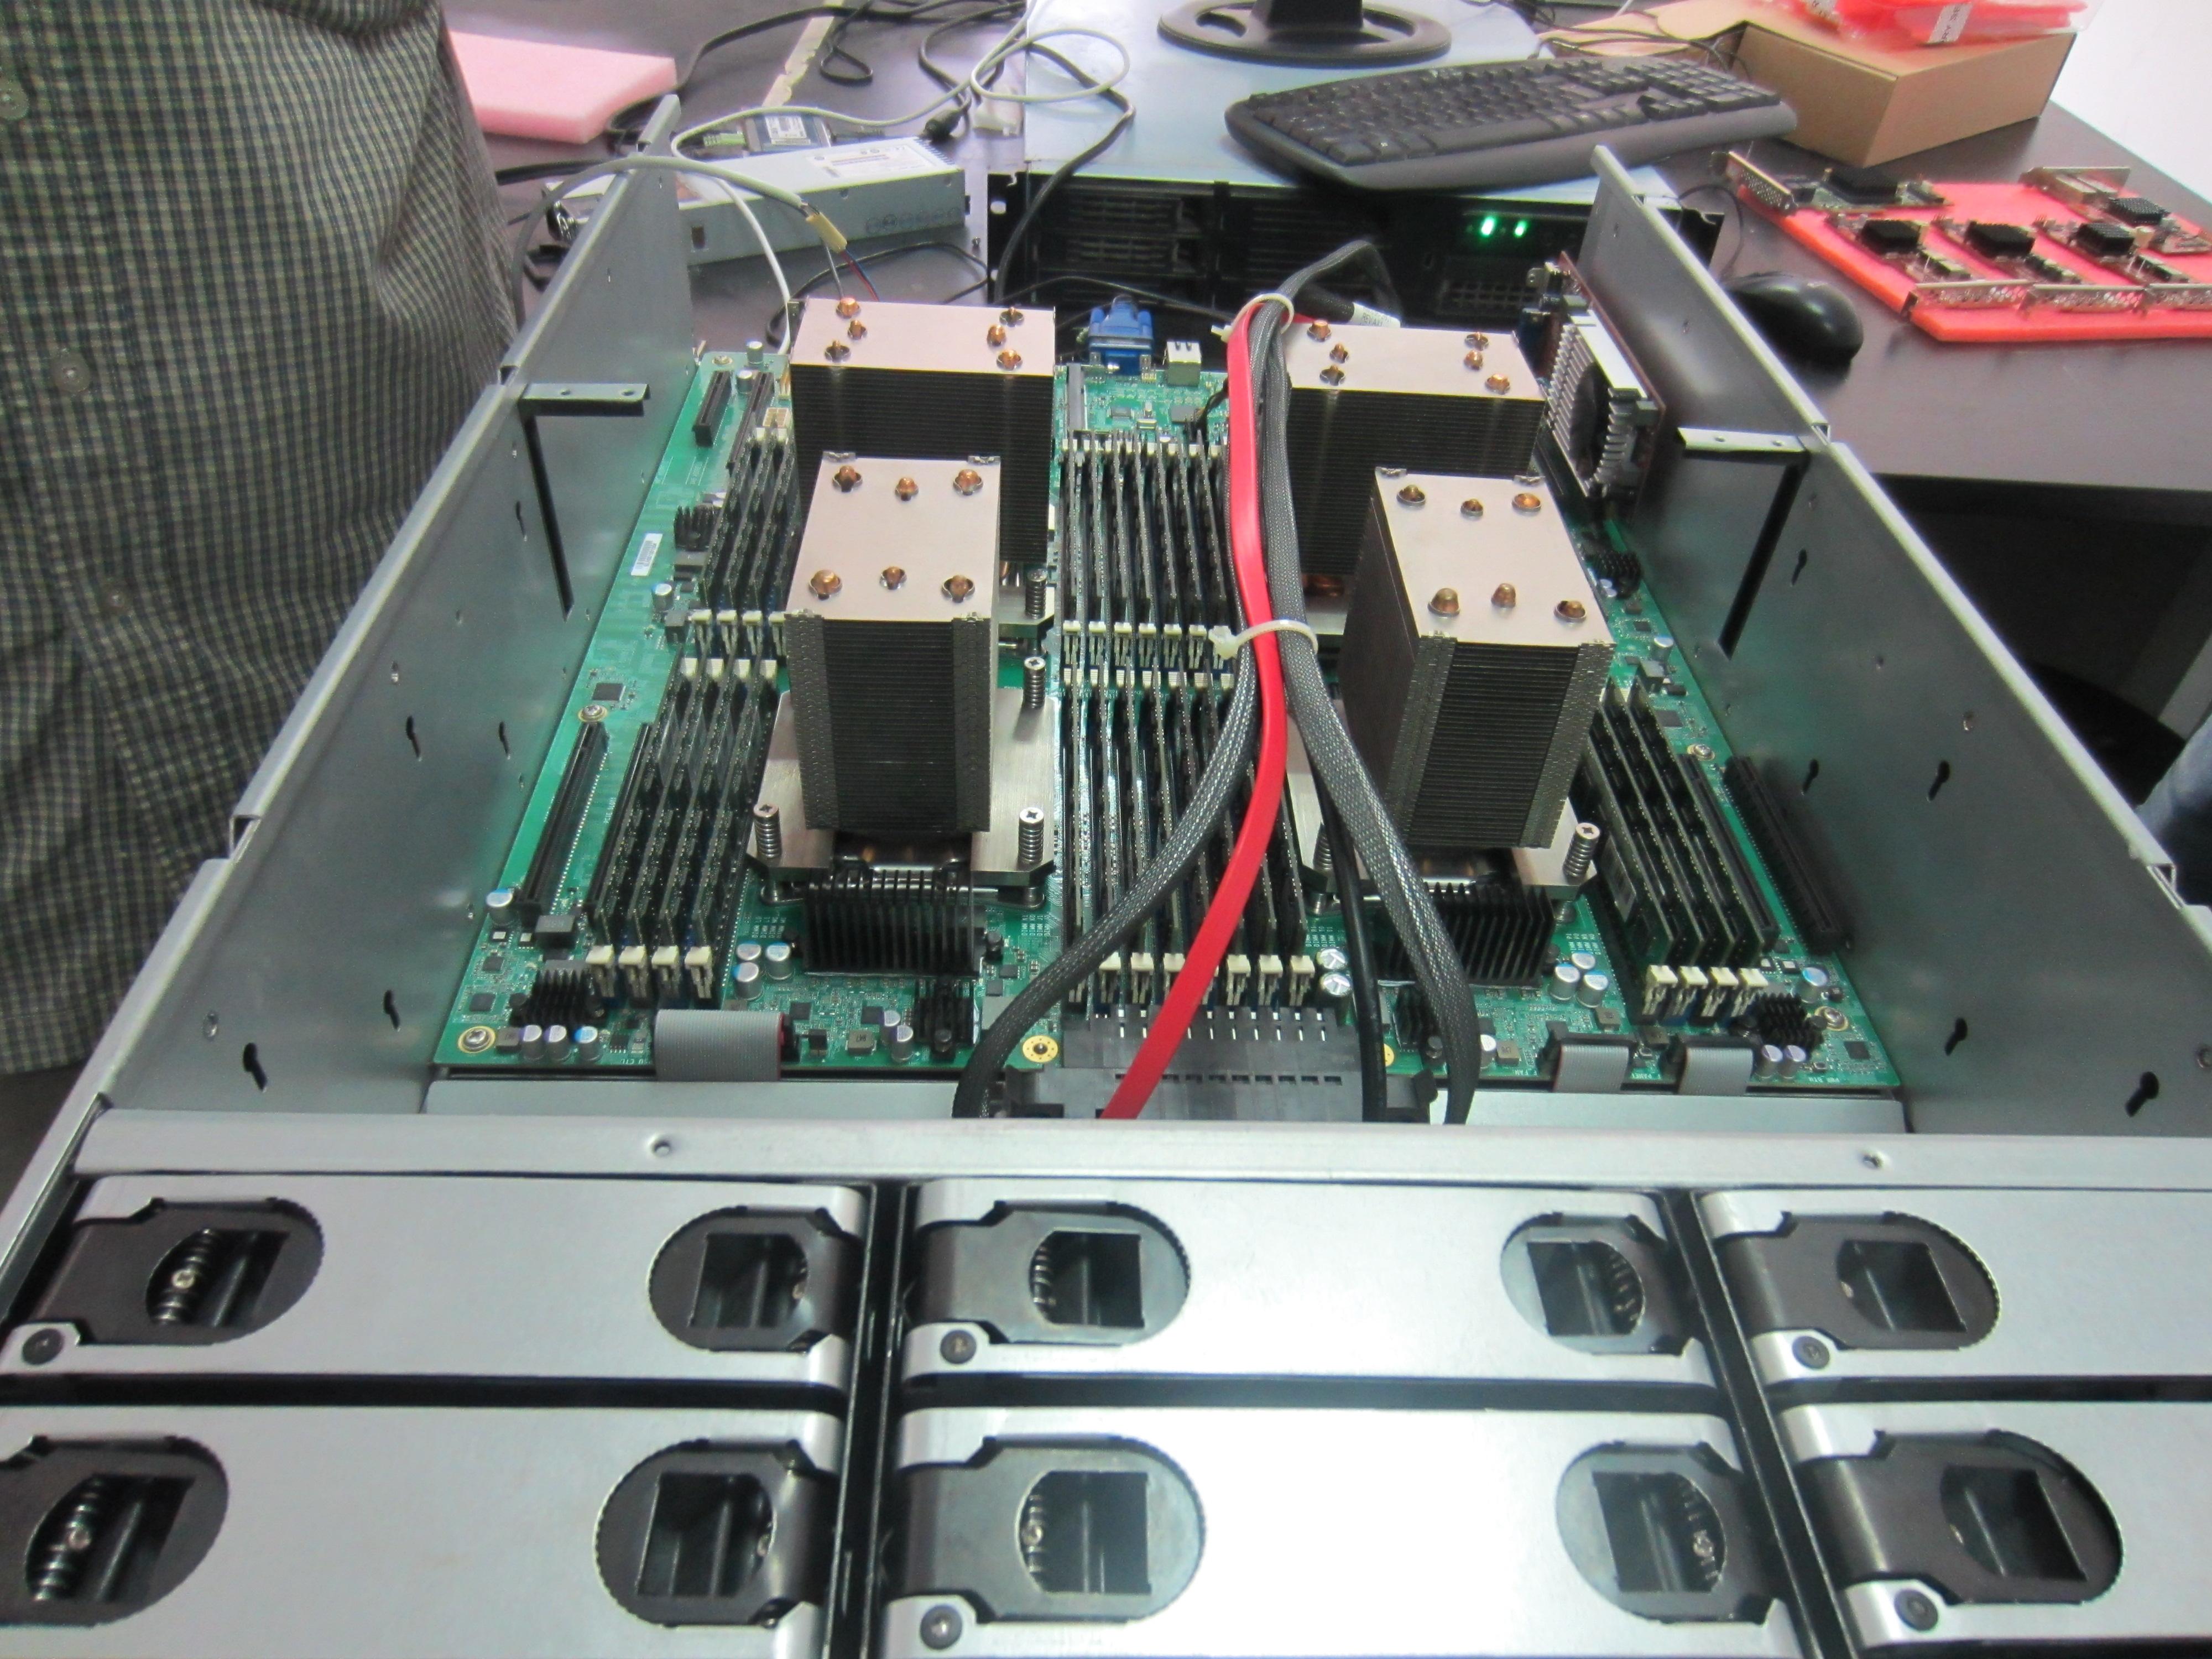 宝德研究院自主研发的四路服务器